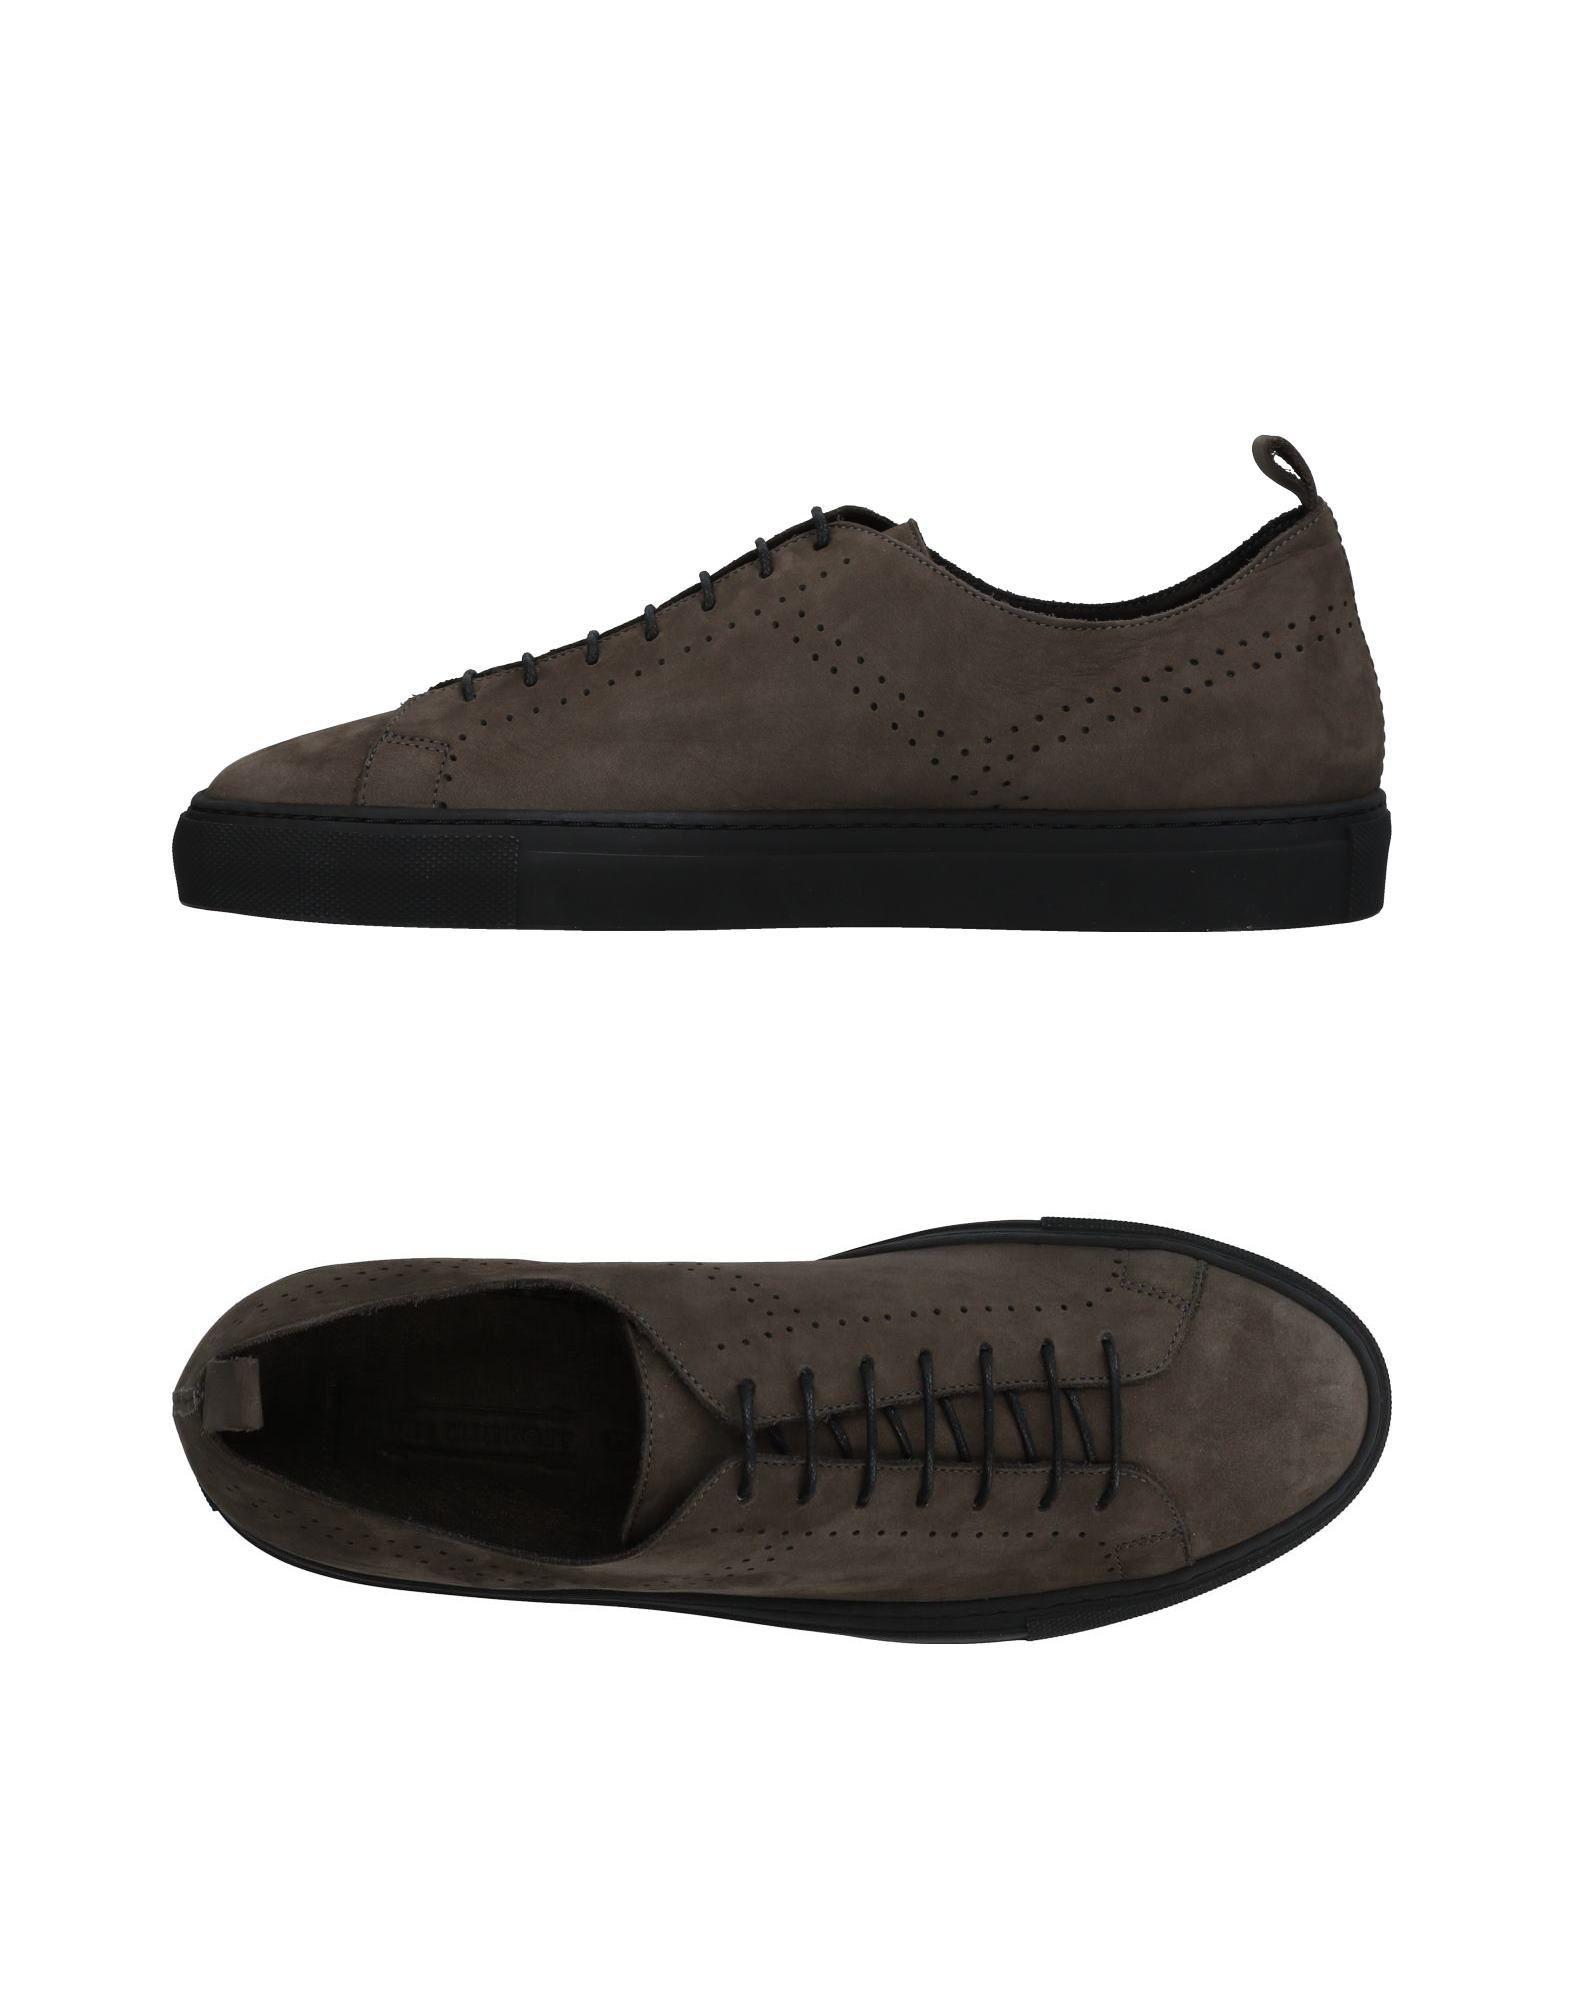 Sneakers Uri Minkoff Uomo - 11449199SX